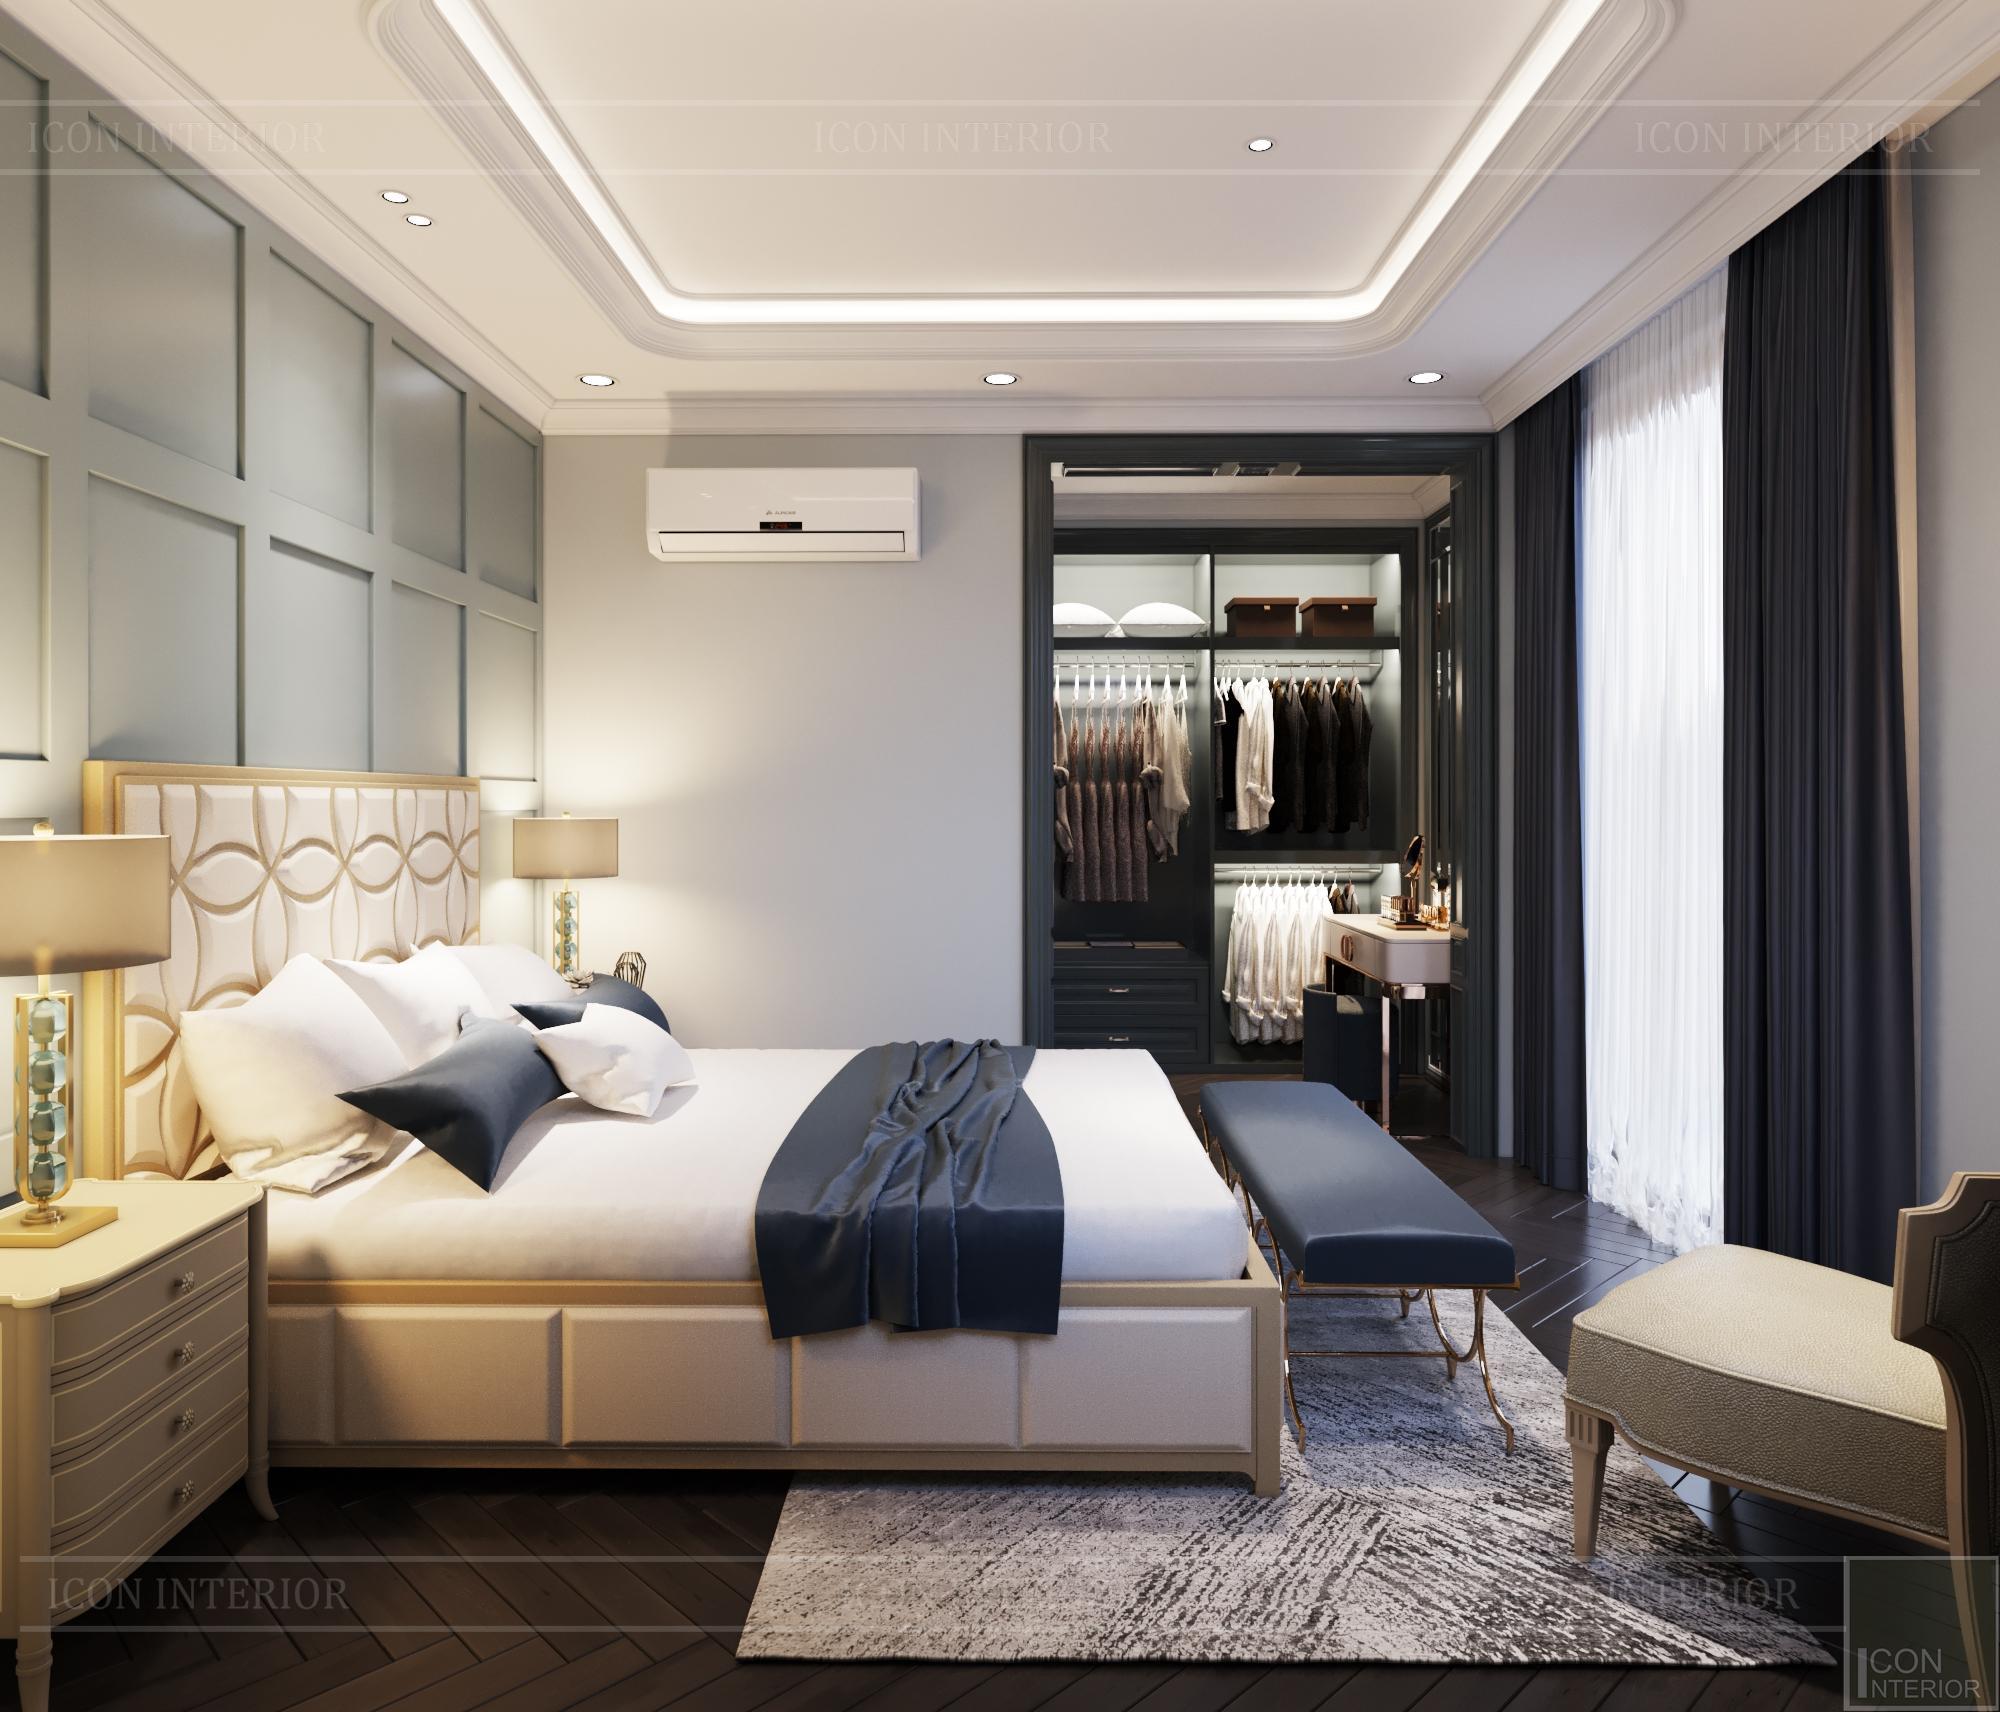 Thiết kế biệt thự 3 tầng sân Golf - phòng ngủ 4